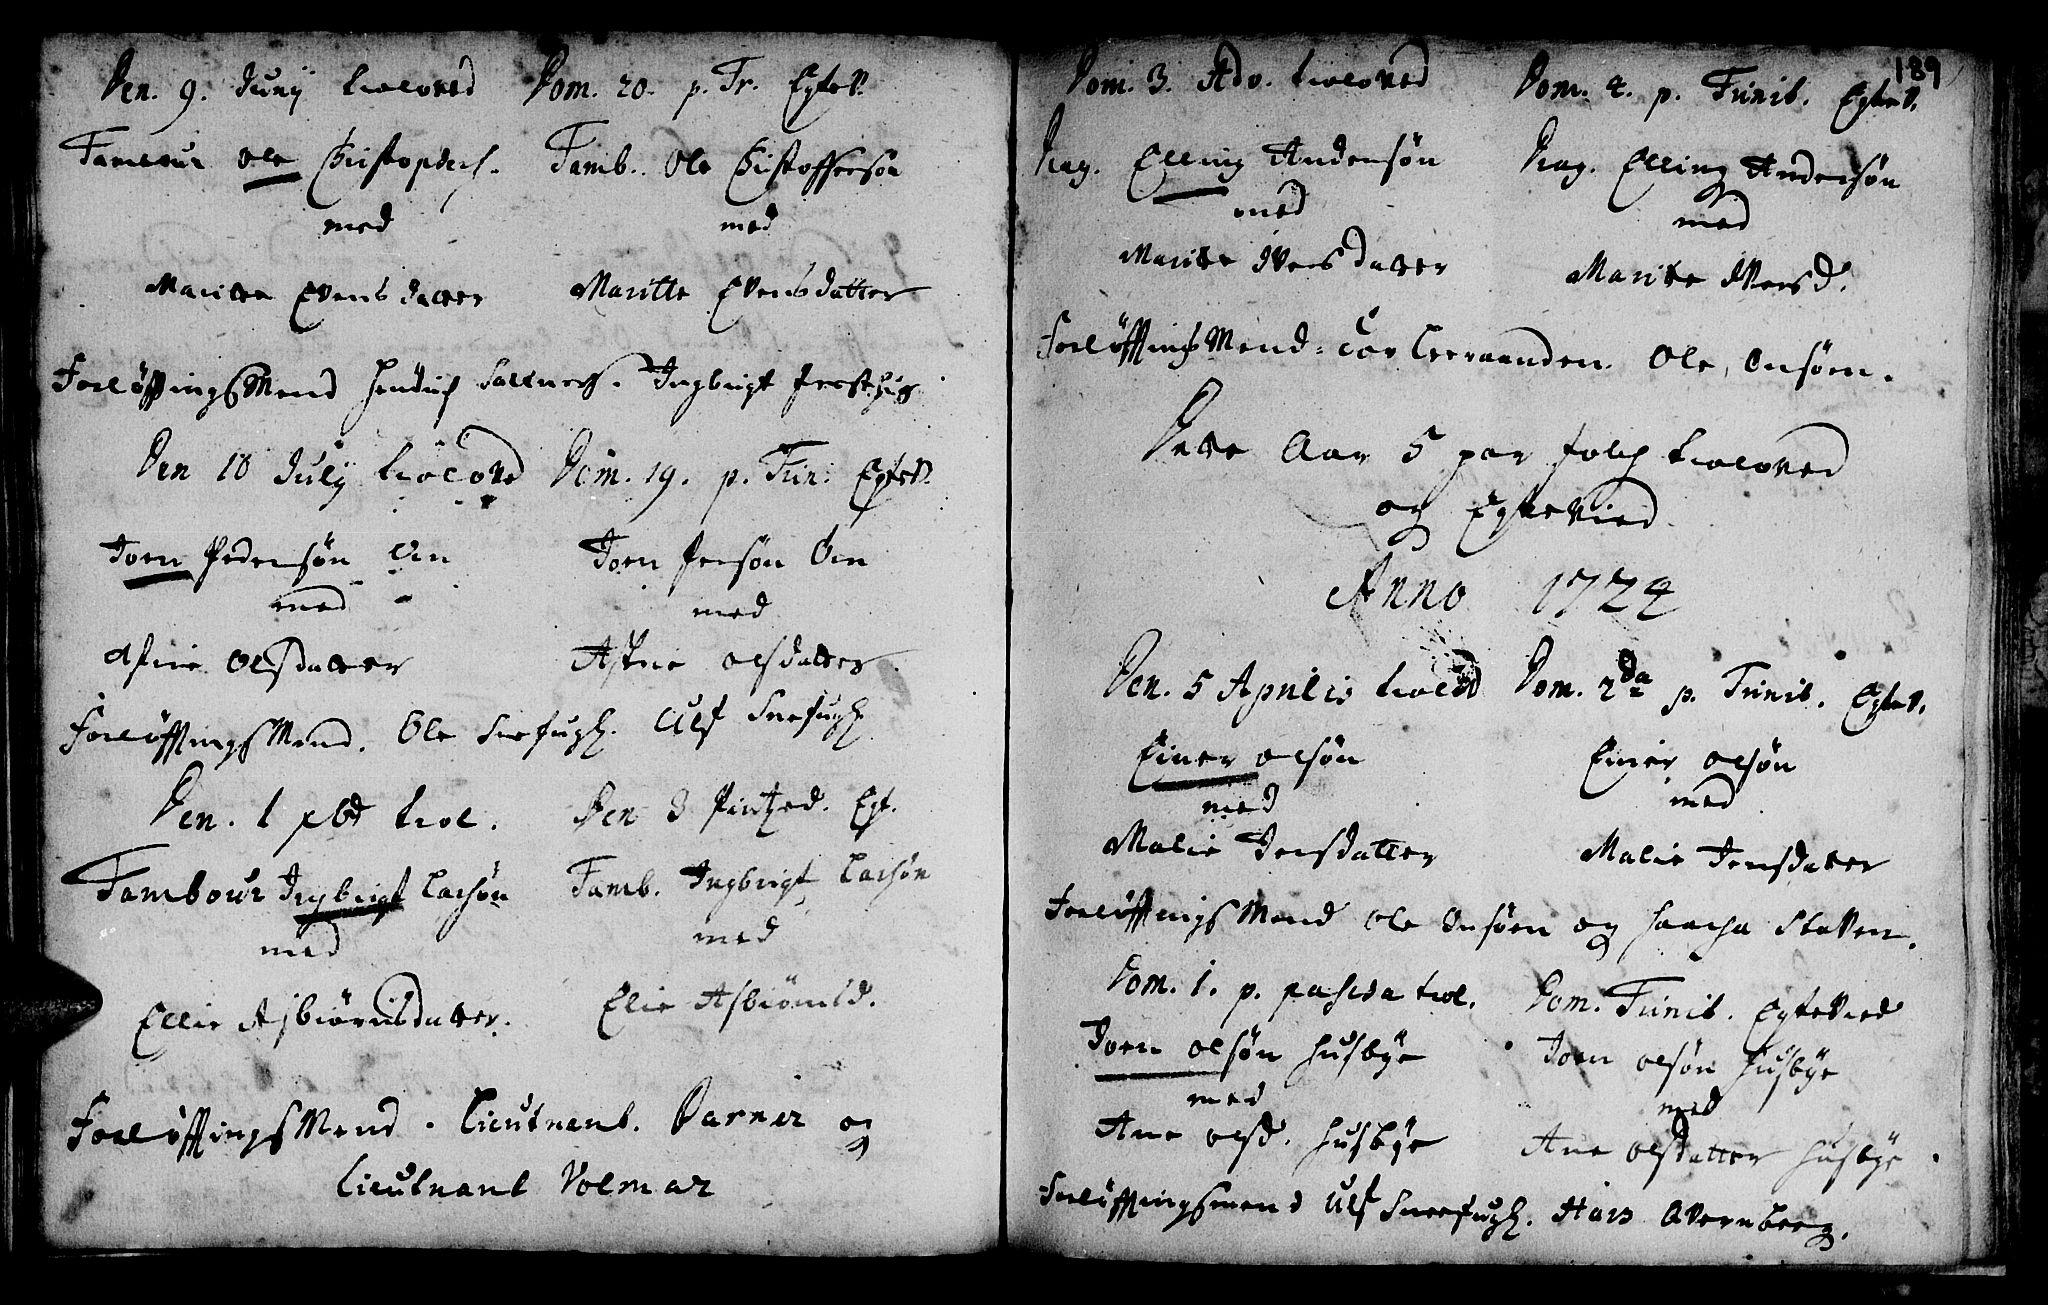 SAT, Ministerialprotokoller, klokkerbøker og fødselsregistre - Sør-Trøndelag, 666/L0783: Ministerialbok nr. 666A01, 1702-1753, s. 189